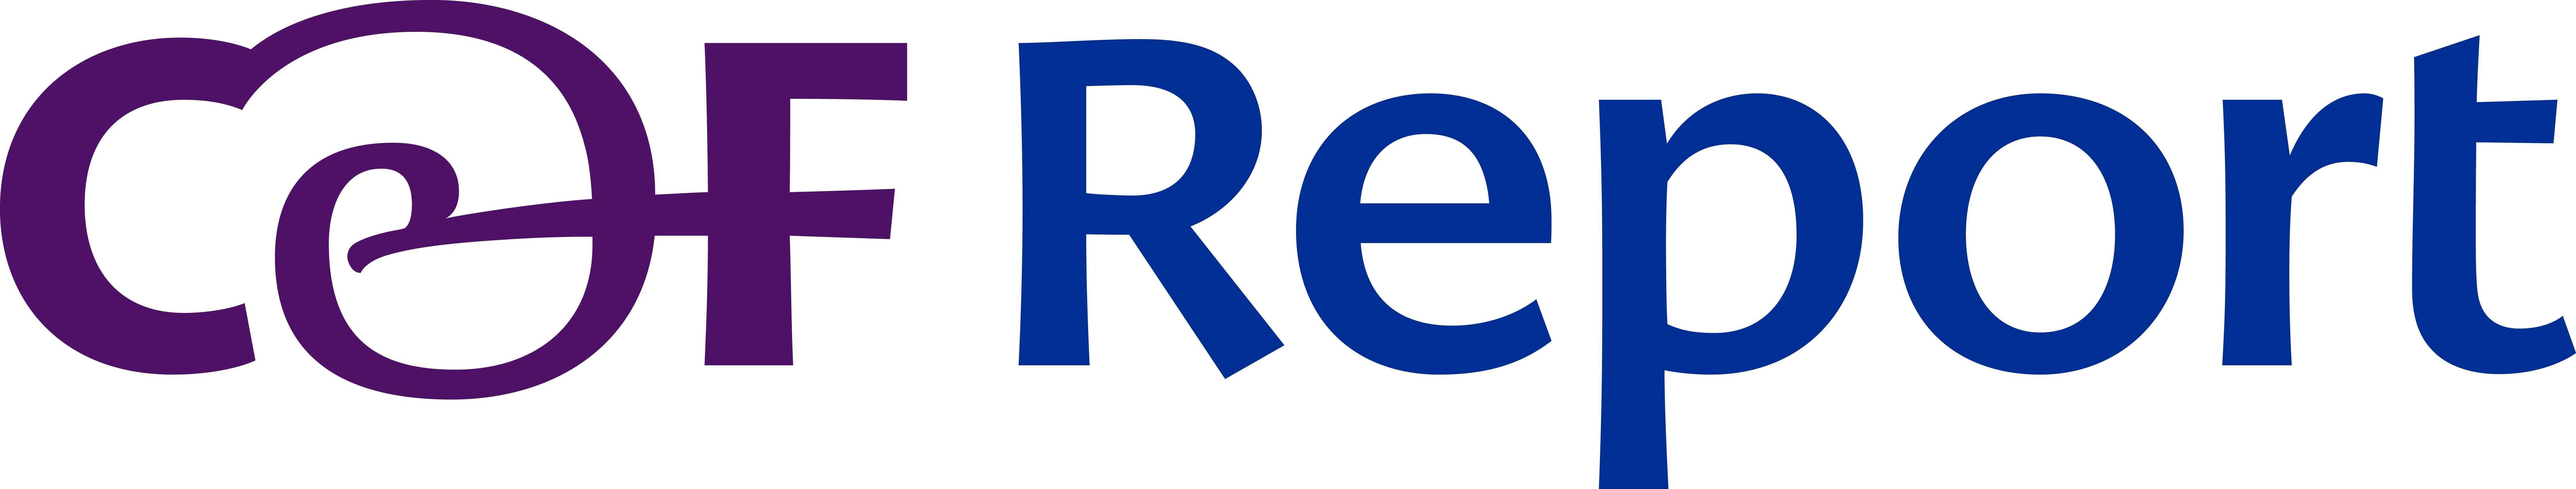 cf-logo-rgb-groot